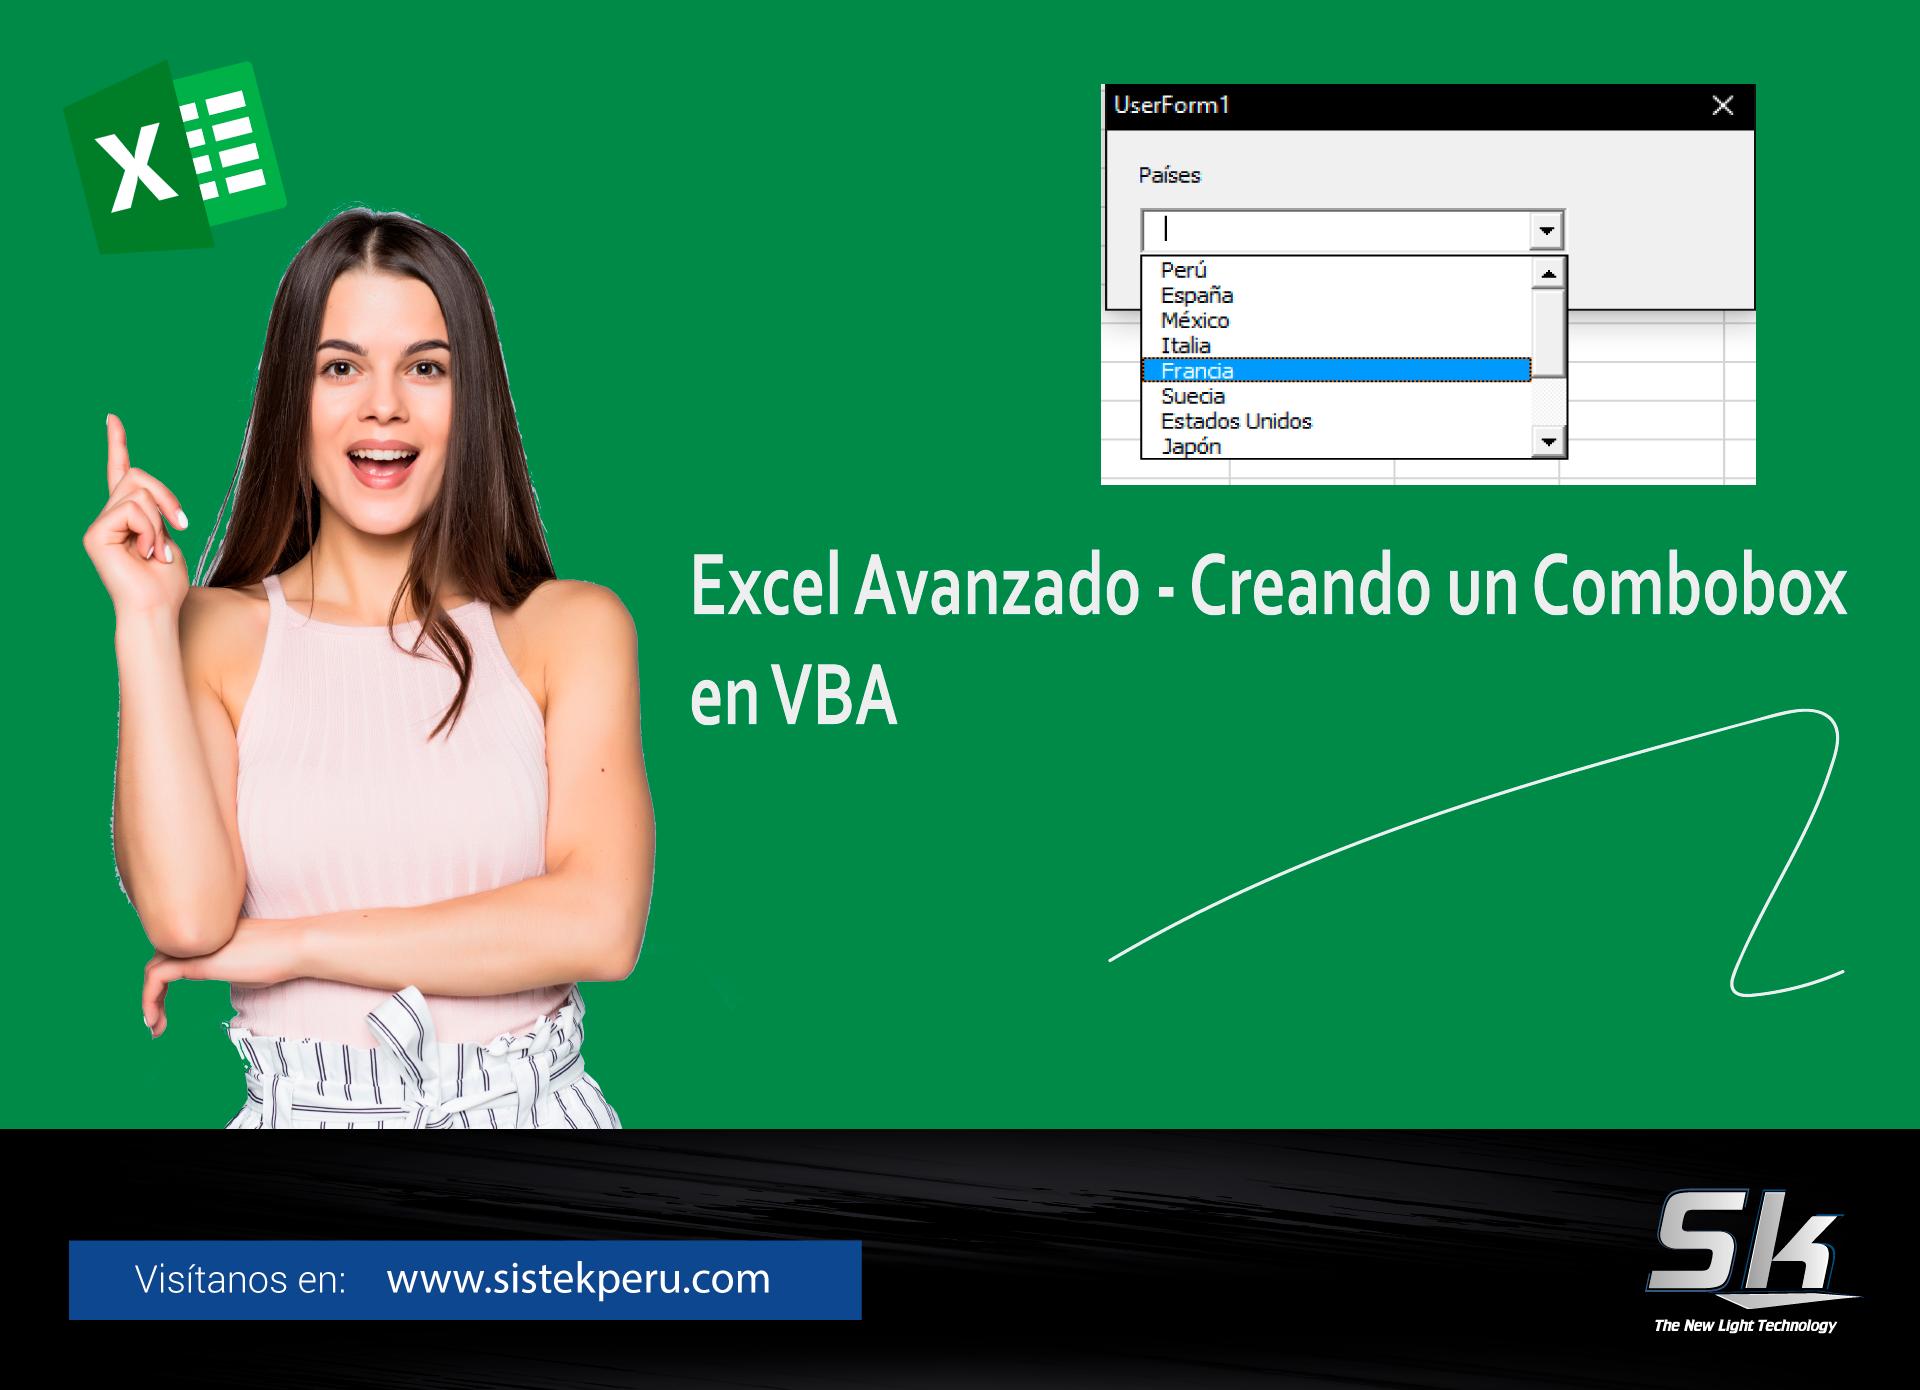 Excel Avanzado Creando un combobox en VBA